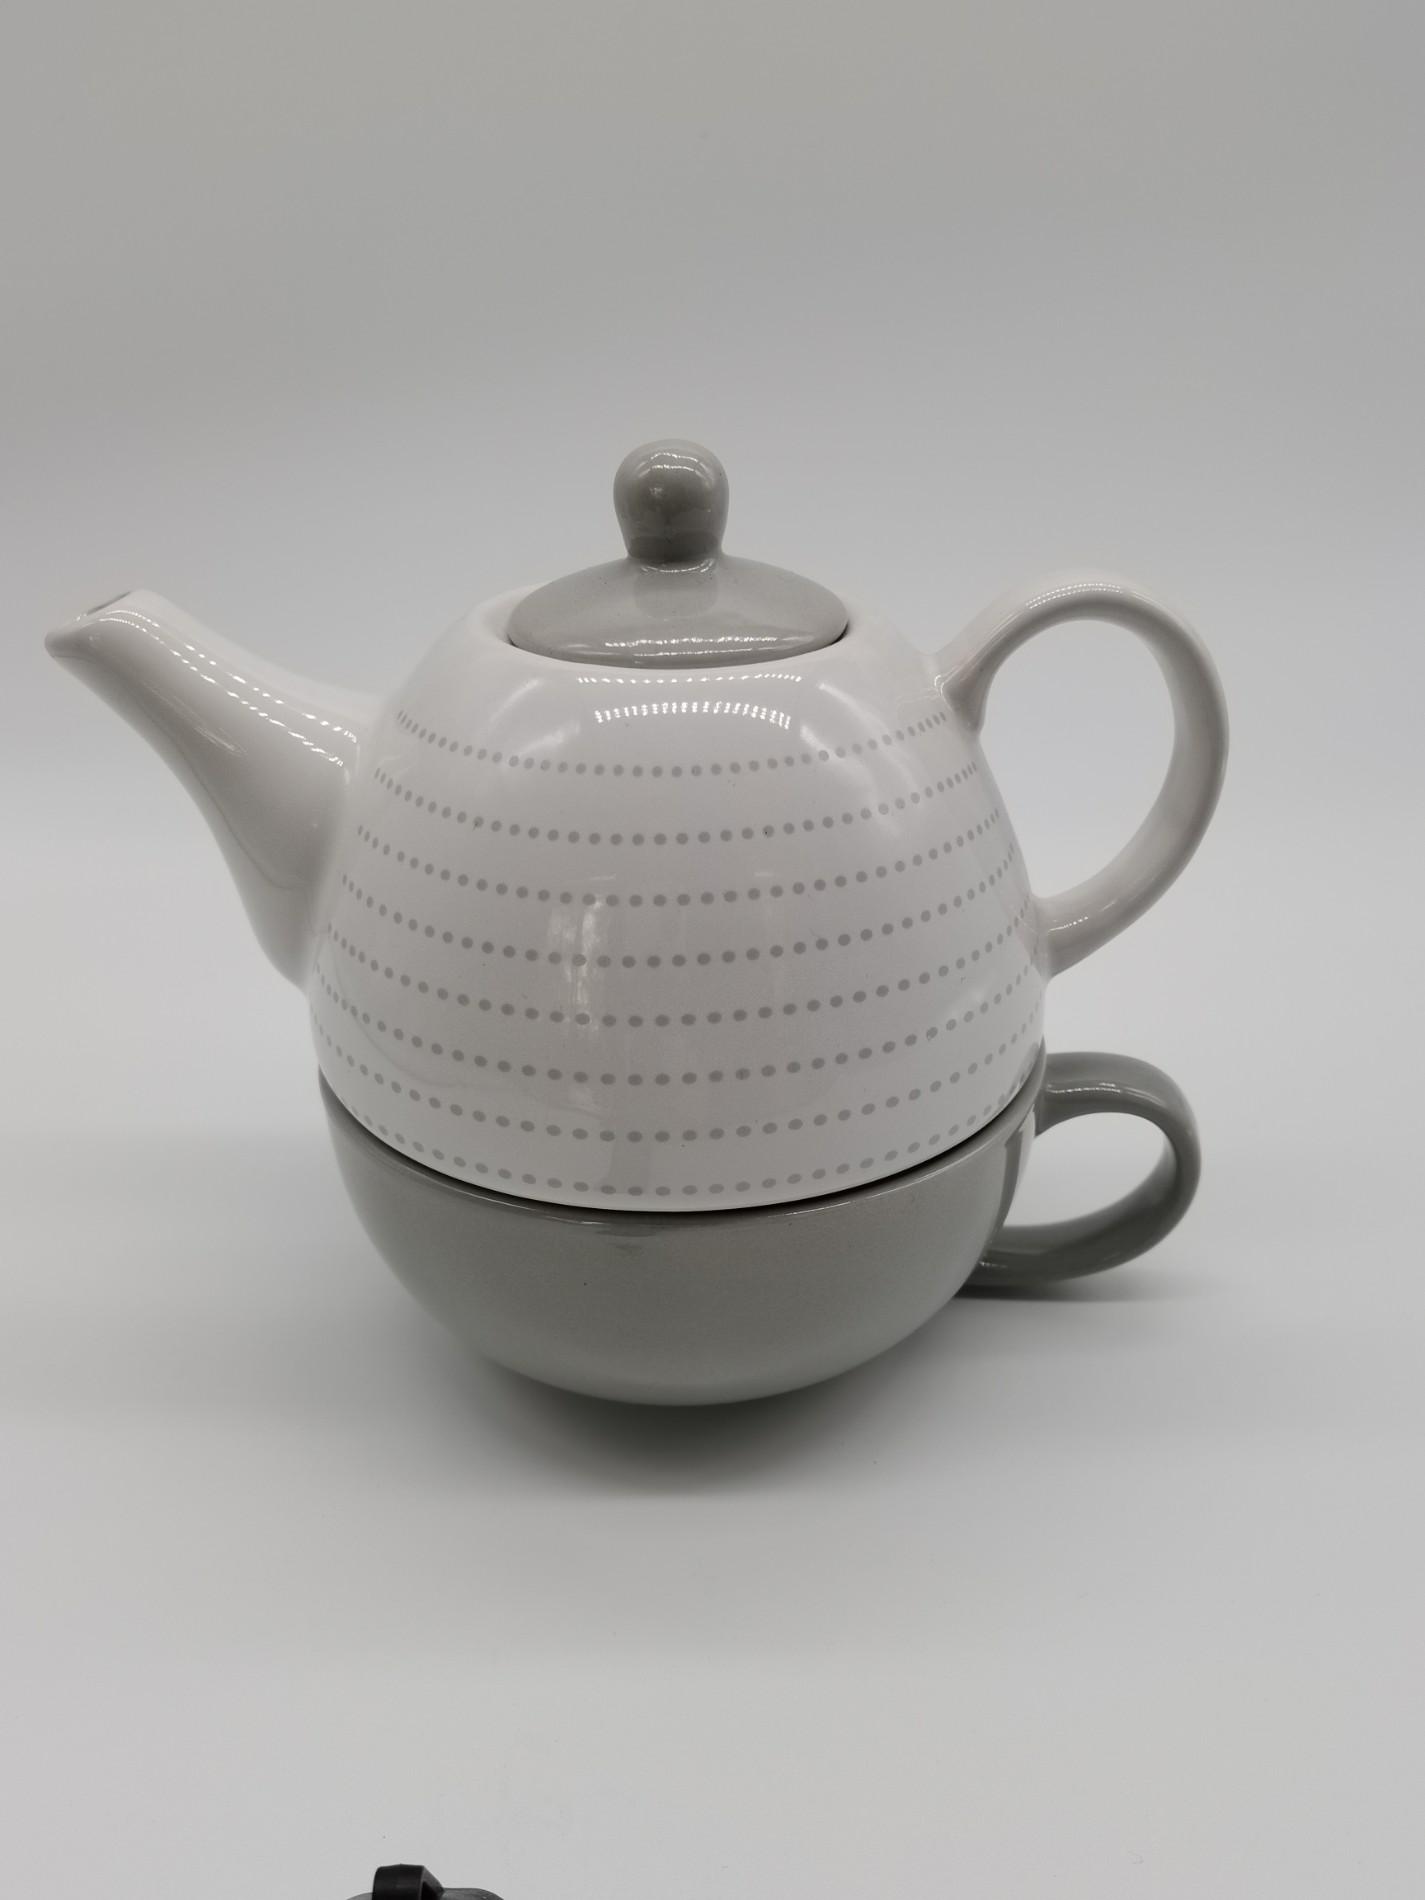 Heat Resistant Ceramic Teapot